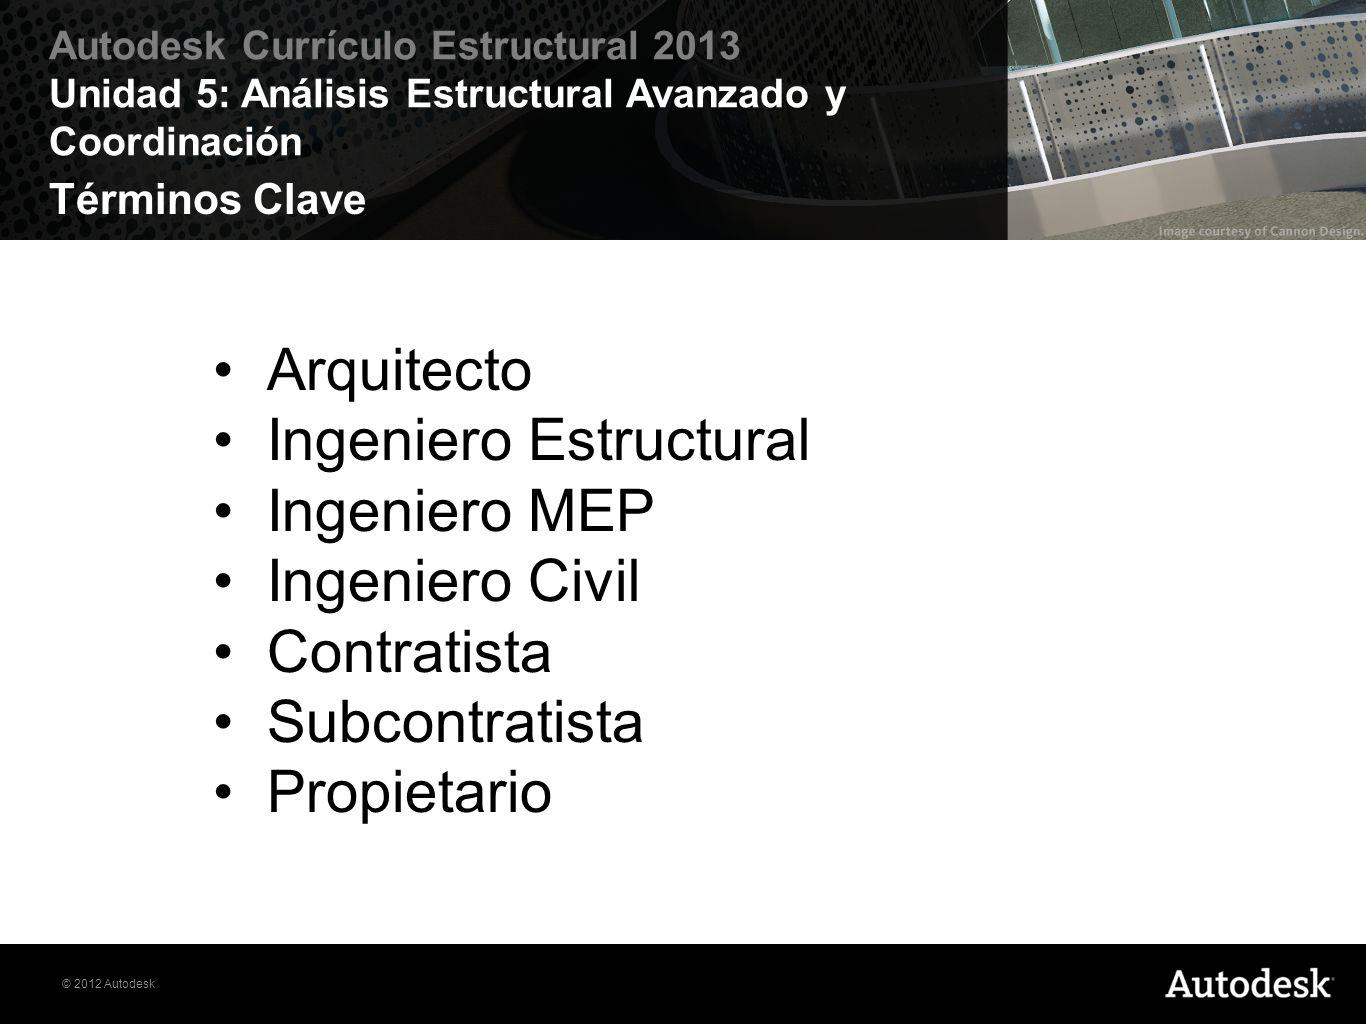 Ingeniero Estructural Ingeniero MEP Ingeniero Civil Contratista